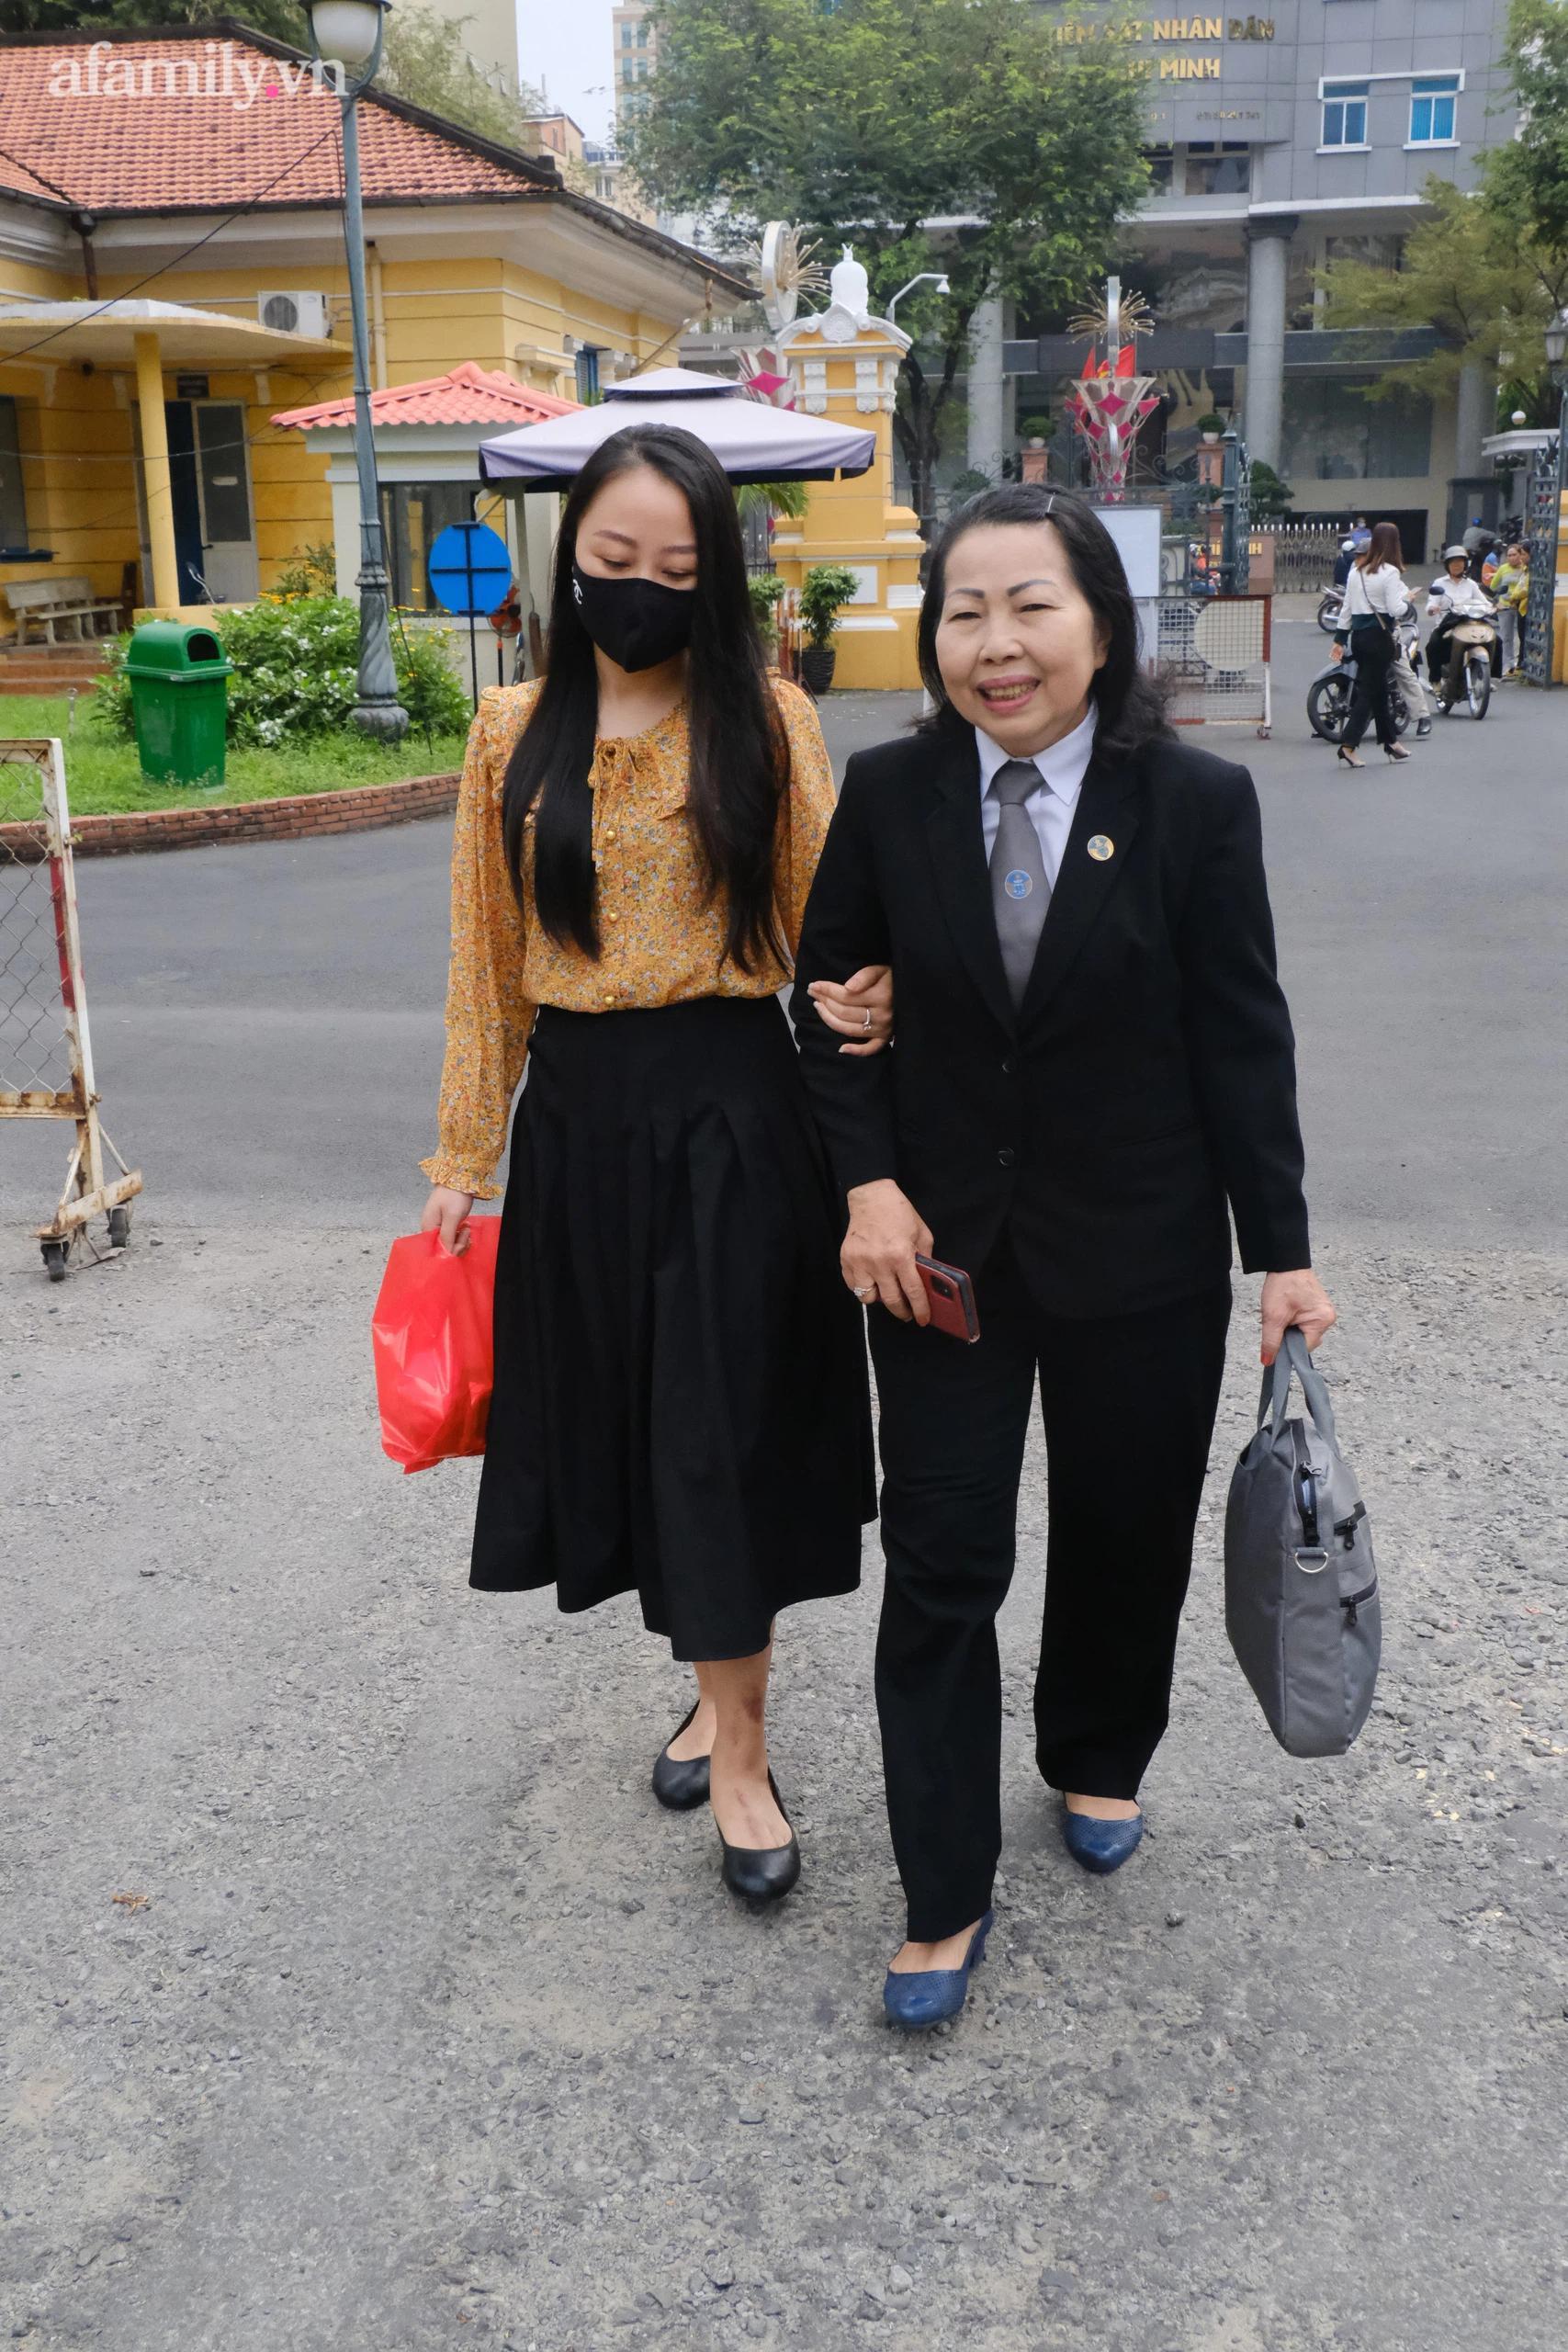 Nữ tiếp viên hàng không được luật sư Ngọc Nữ dìu vào sân tòa.